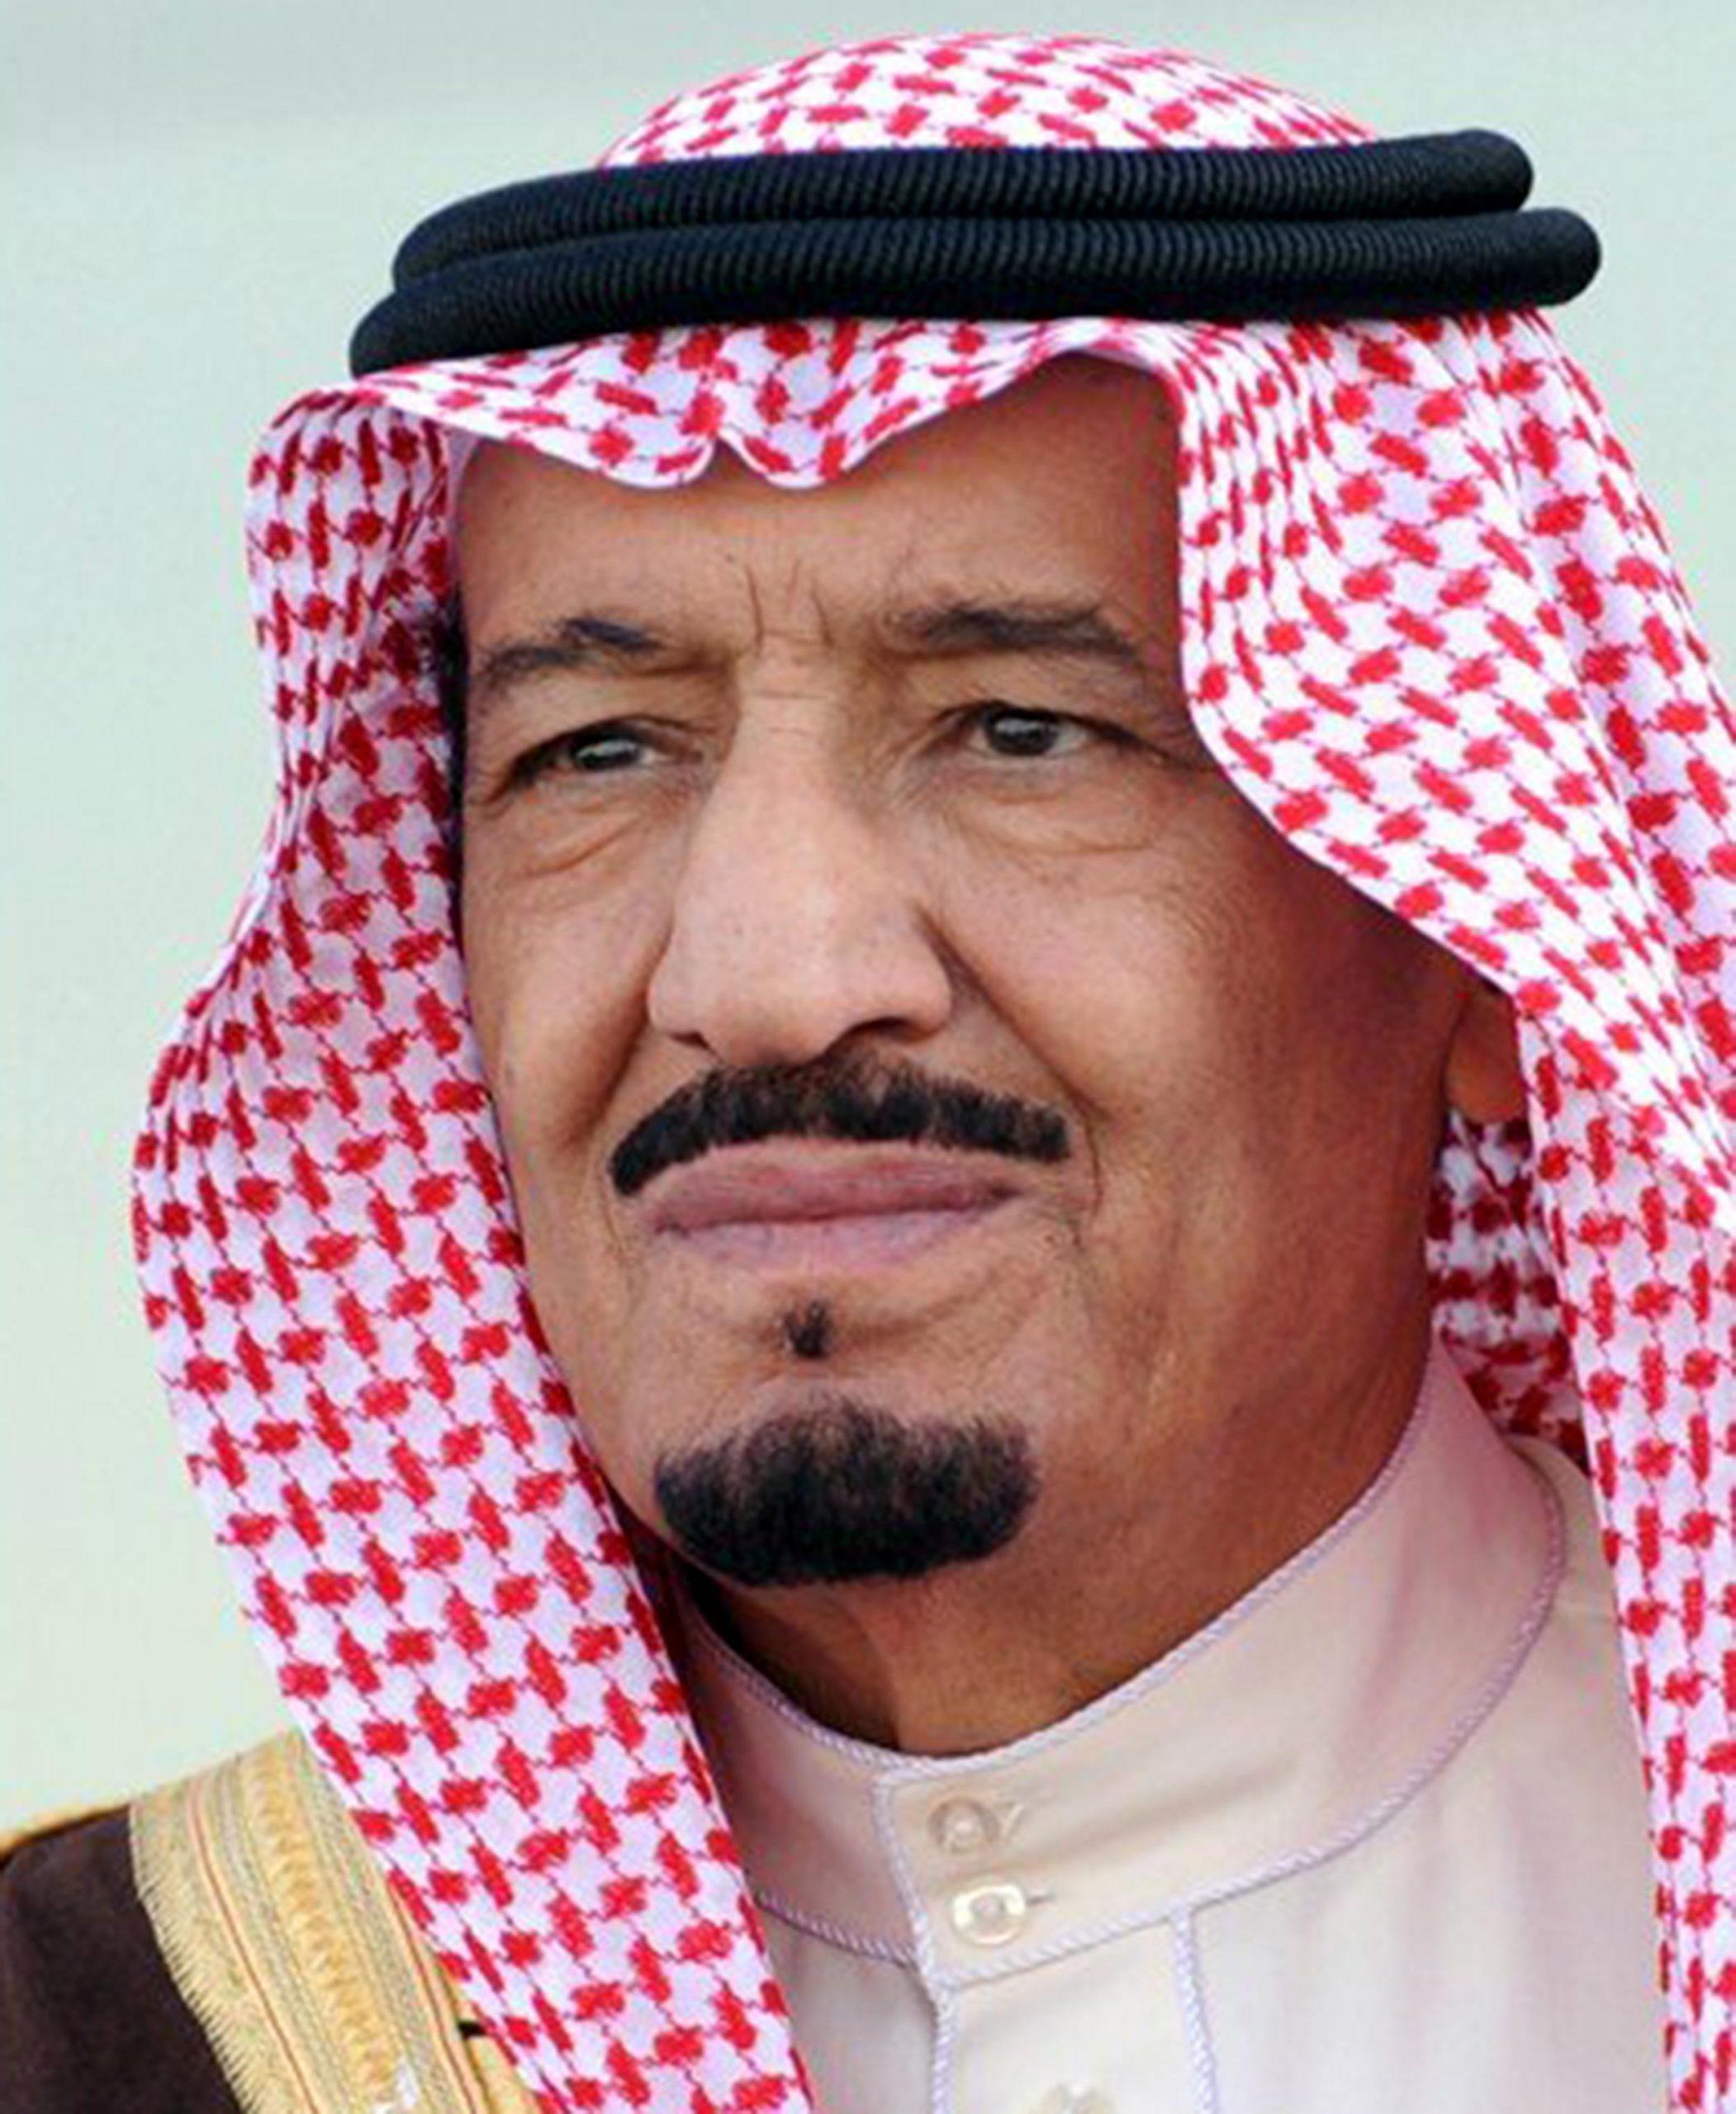 """الملك سلمان يفوز بـ""""جائزة الملك فيصل العالمية لخدمة الإسلام"""""""